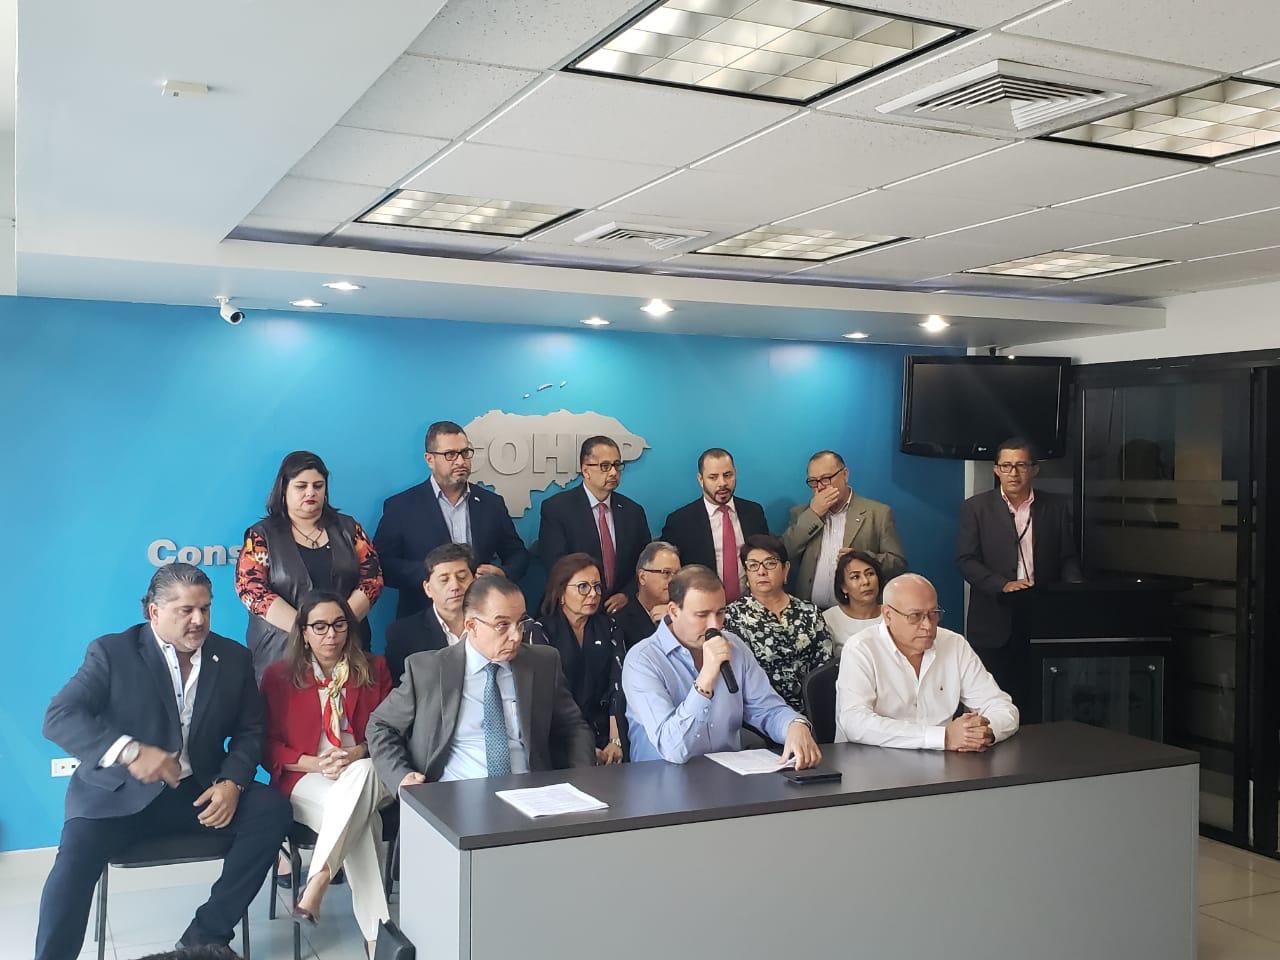 Cohep pide al Gobierno y a la Oposición dejarlos trabajar a través de un acuerdo de gobernabilidad